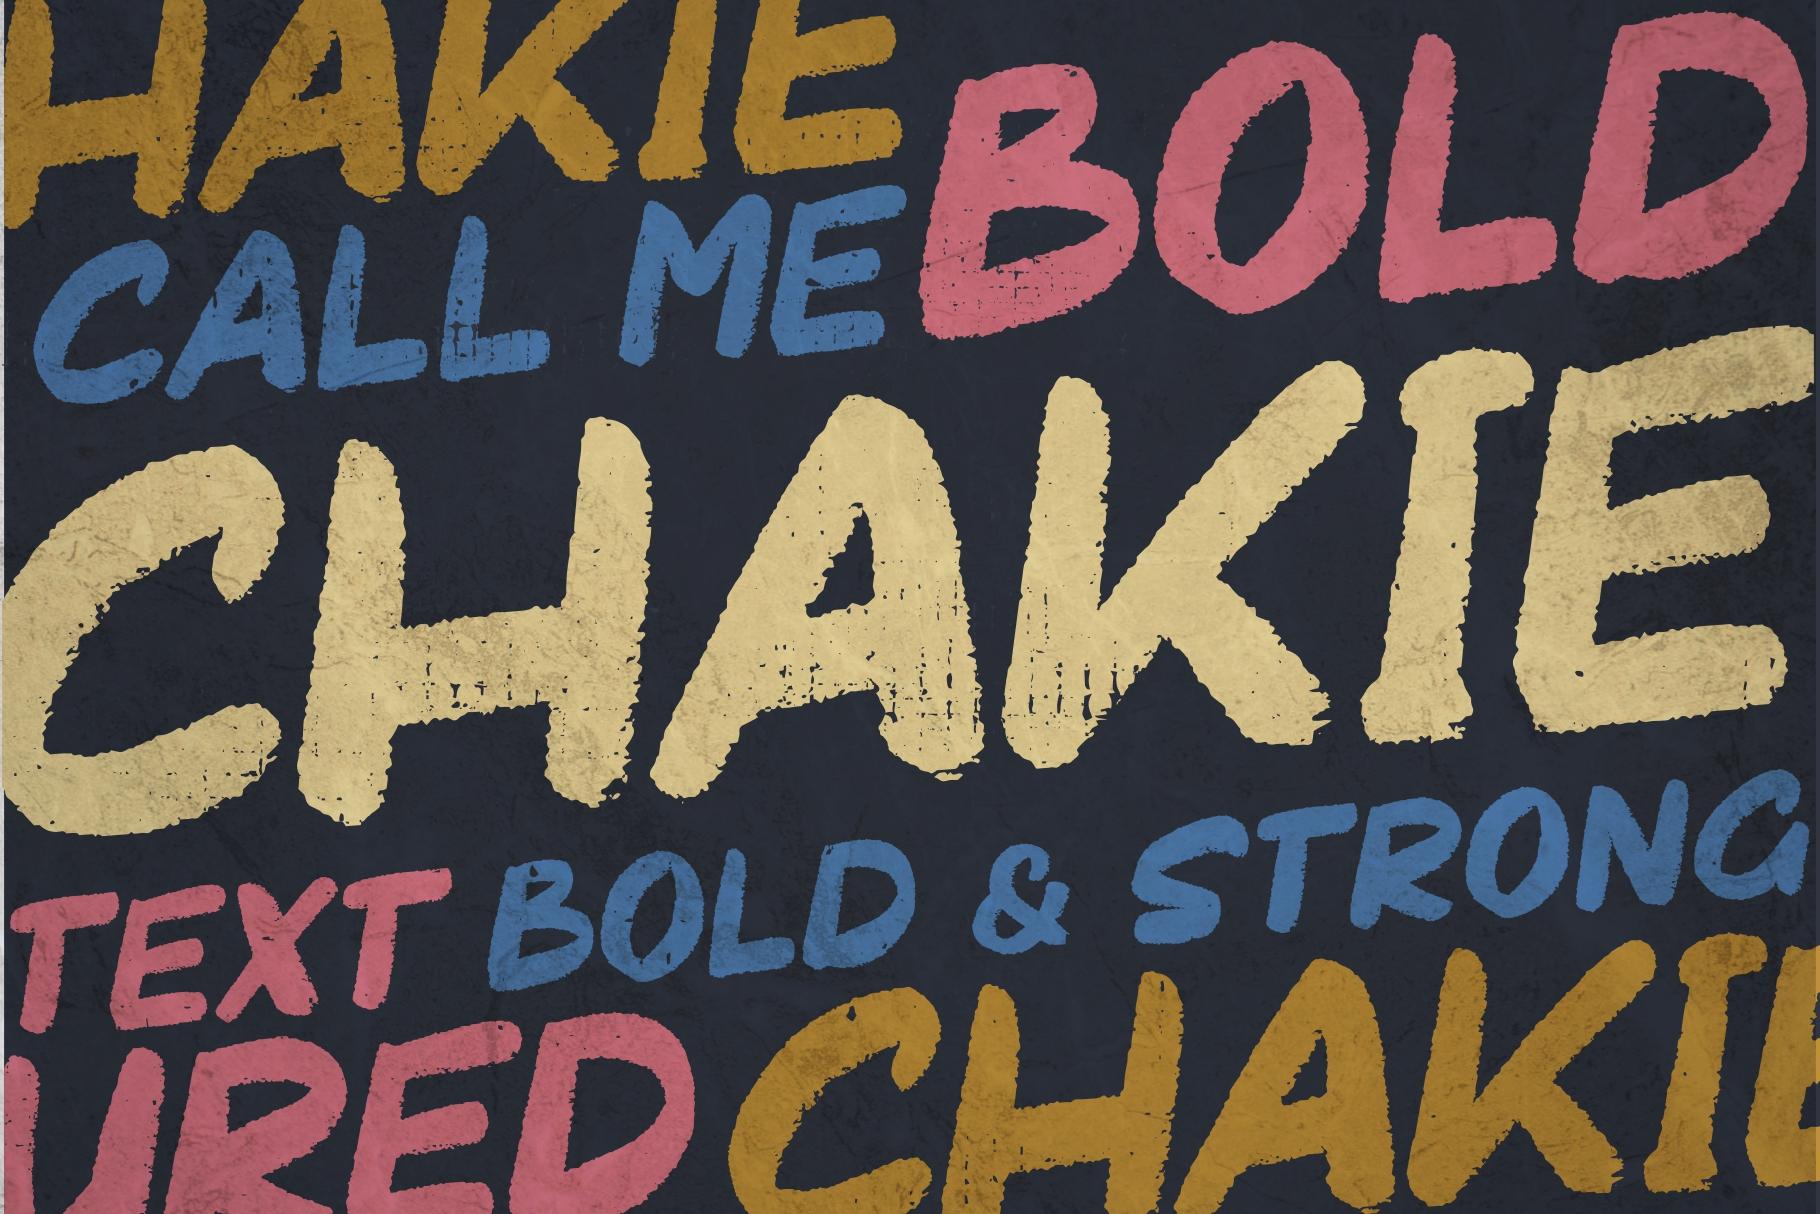 Chakie - Retro Brush Fonts example image 2